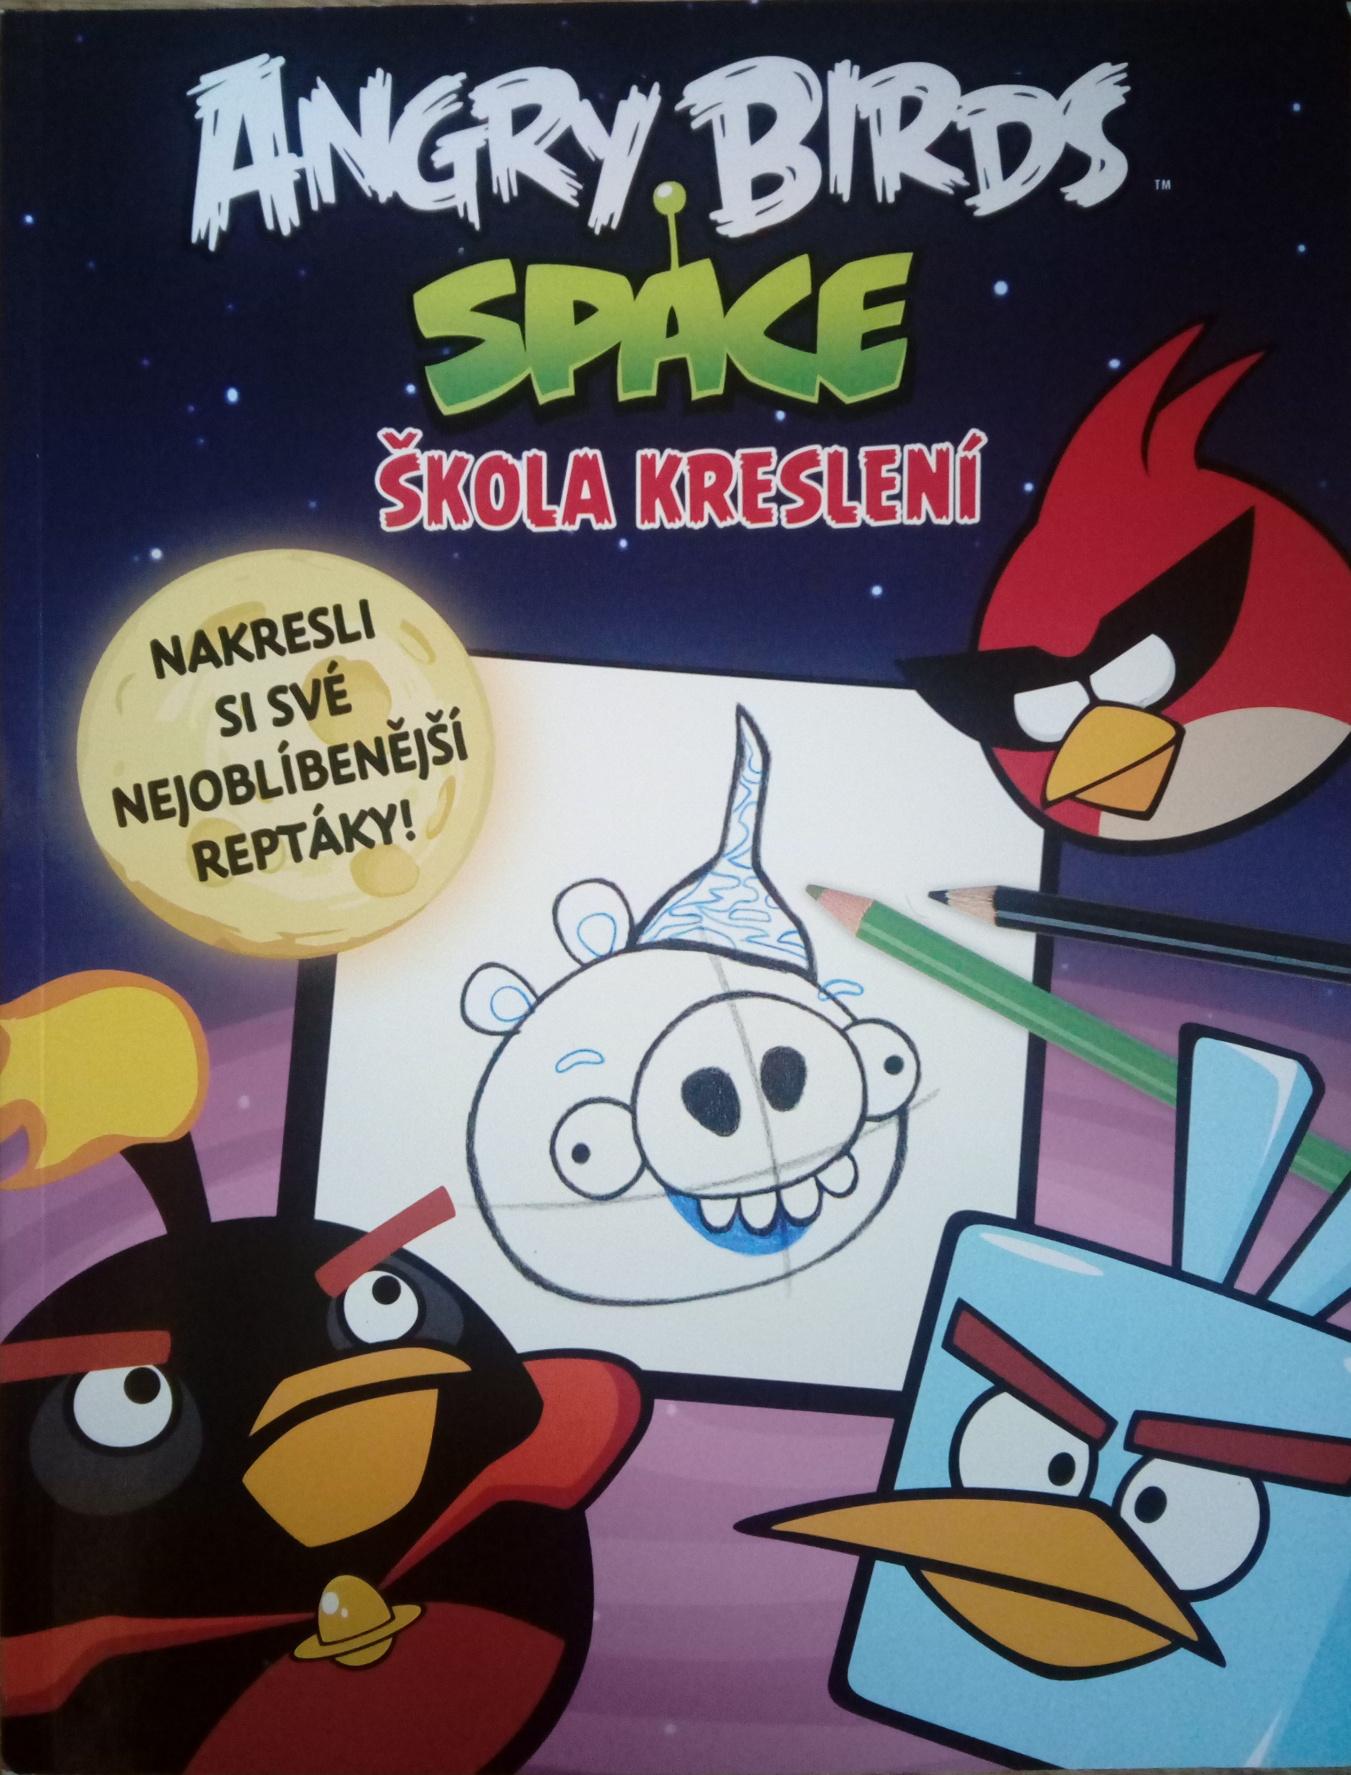 Angry Birds Space škola kreslení